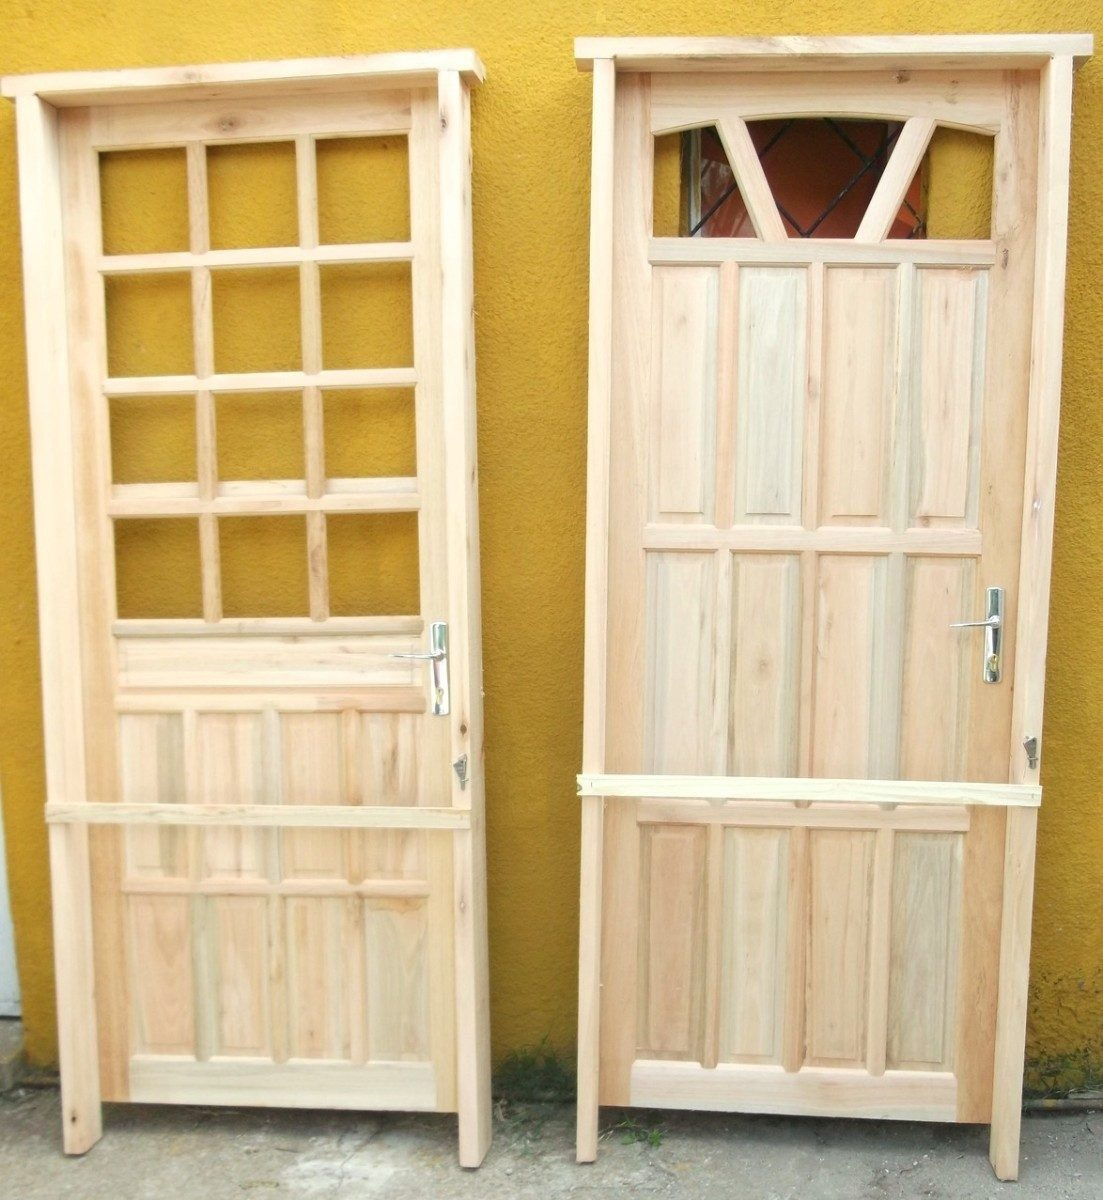 Puertas de exterior en madera nuevas modernas puertas de - Puertas de madera exterior ...